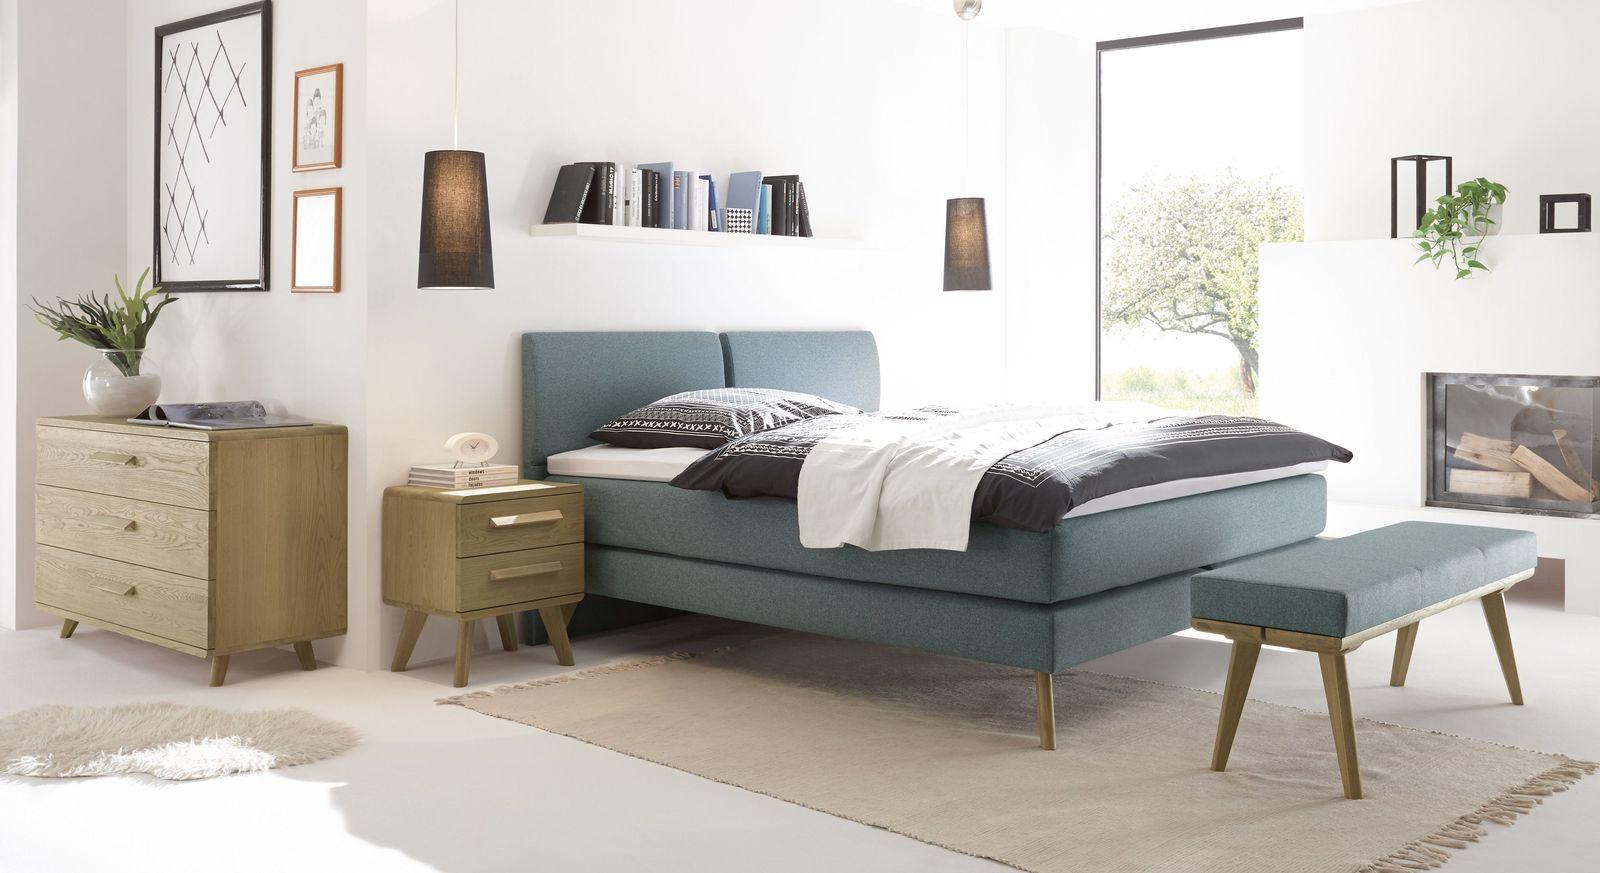 Boxspringbett Viane mit passenden Schlafzimmermöbeln aus Eiche